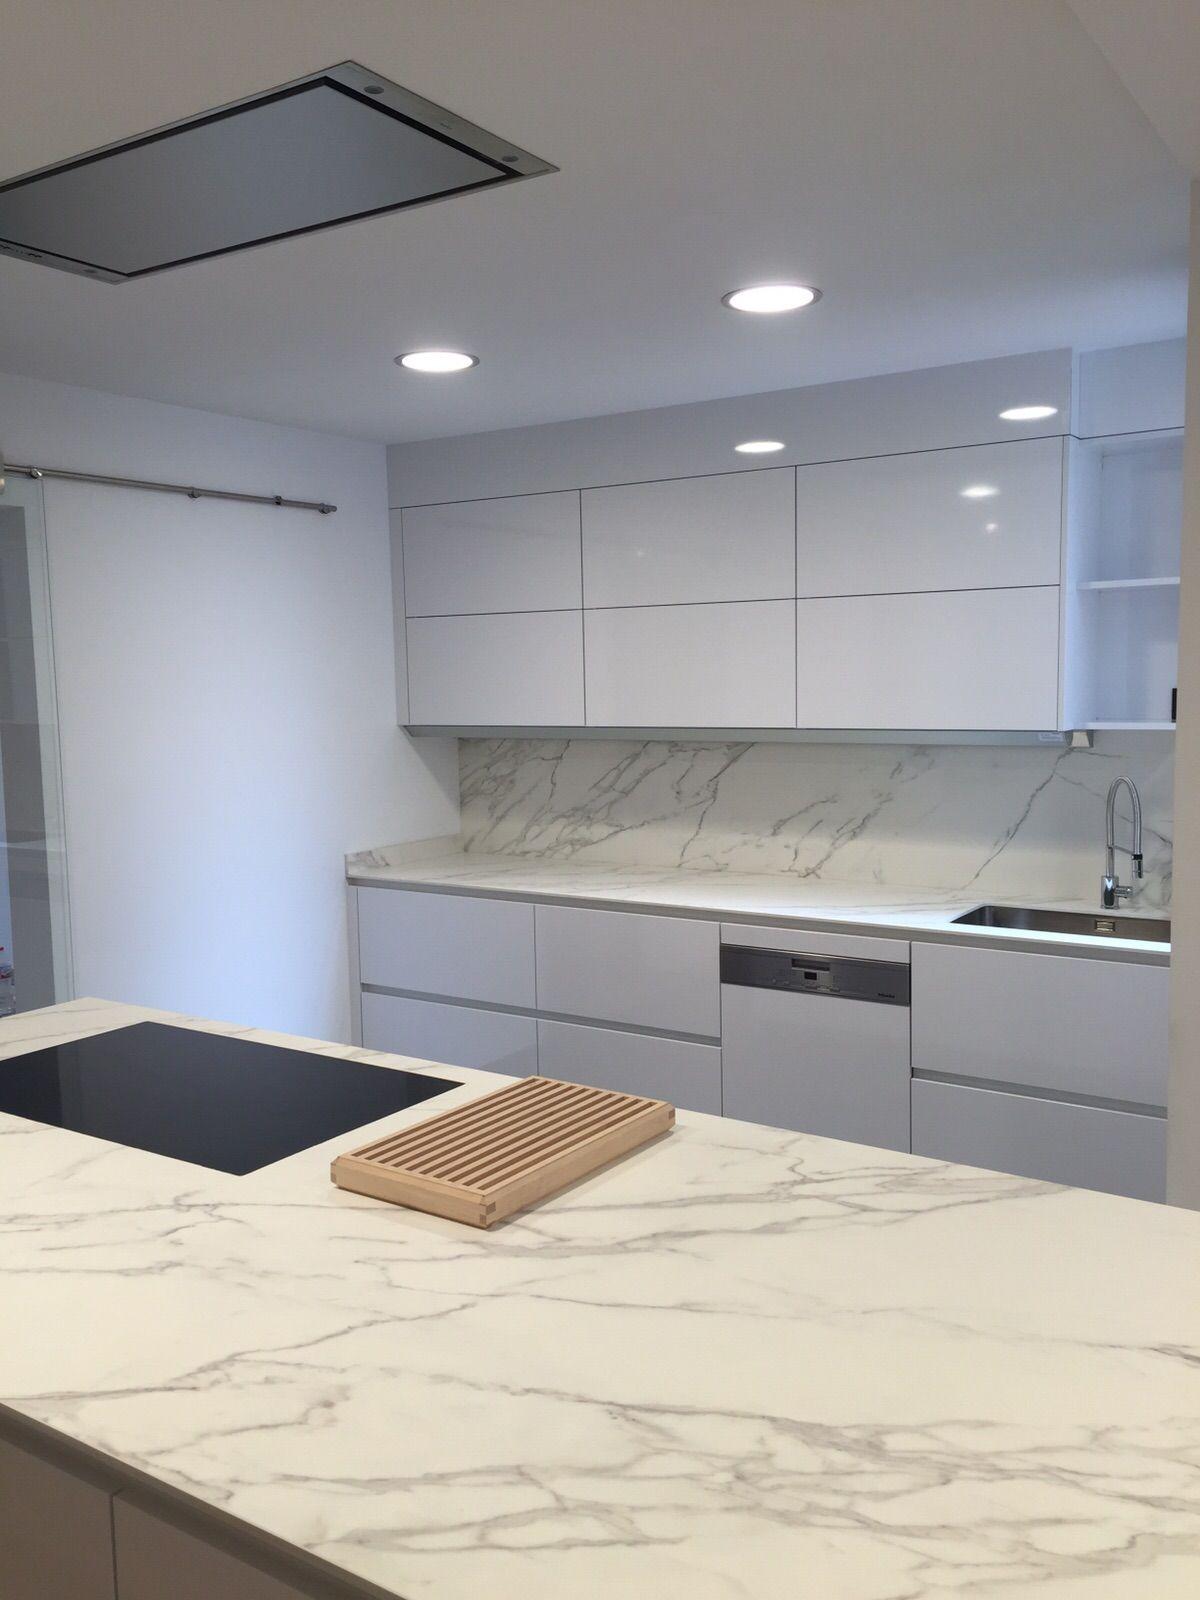 Cocina santos modelo line l en laminado brillo blanco for Encimera de cocina lacada en blanco negro